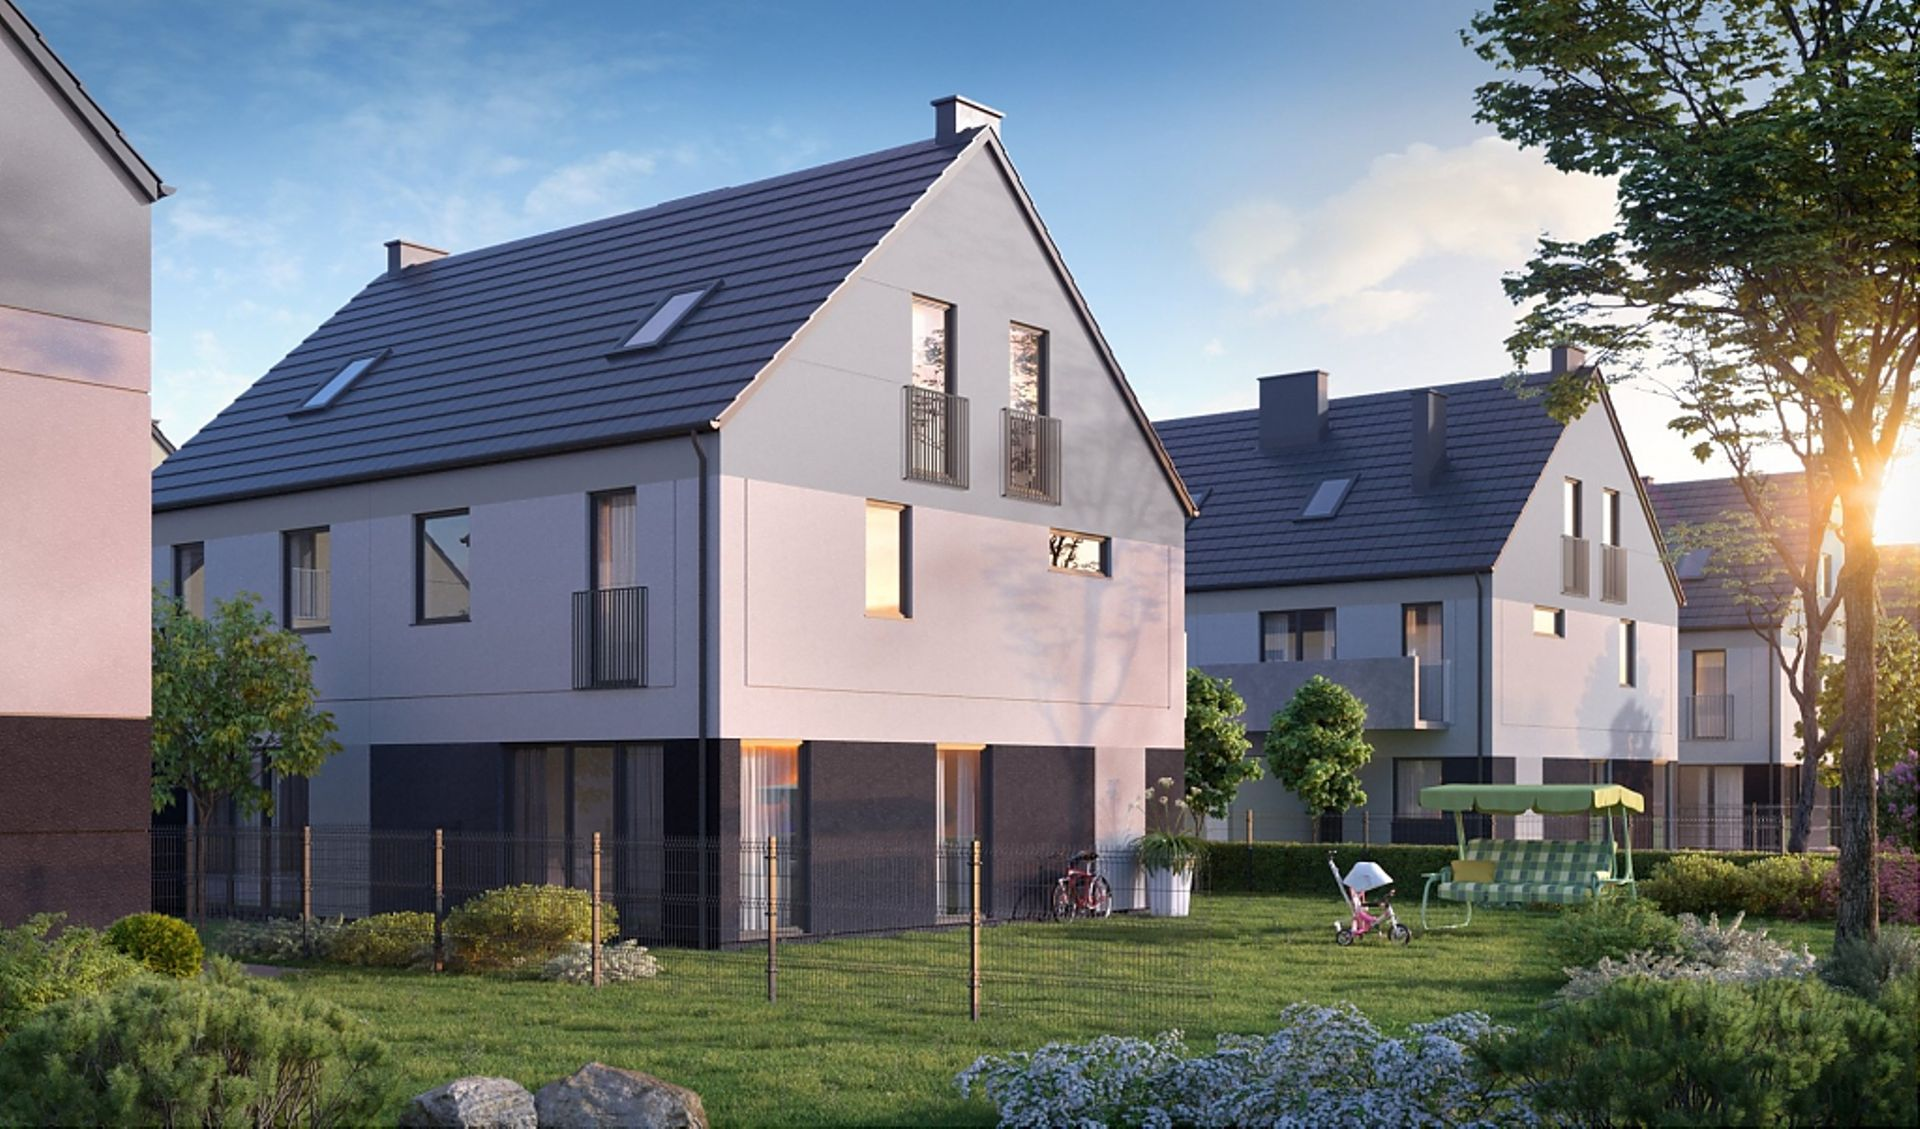 Wrocław: Rodzinne Żerniki – CTE wybuduje kameralne osiedle w sąsiedztwie przedszkola